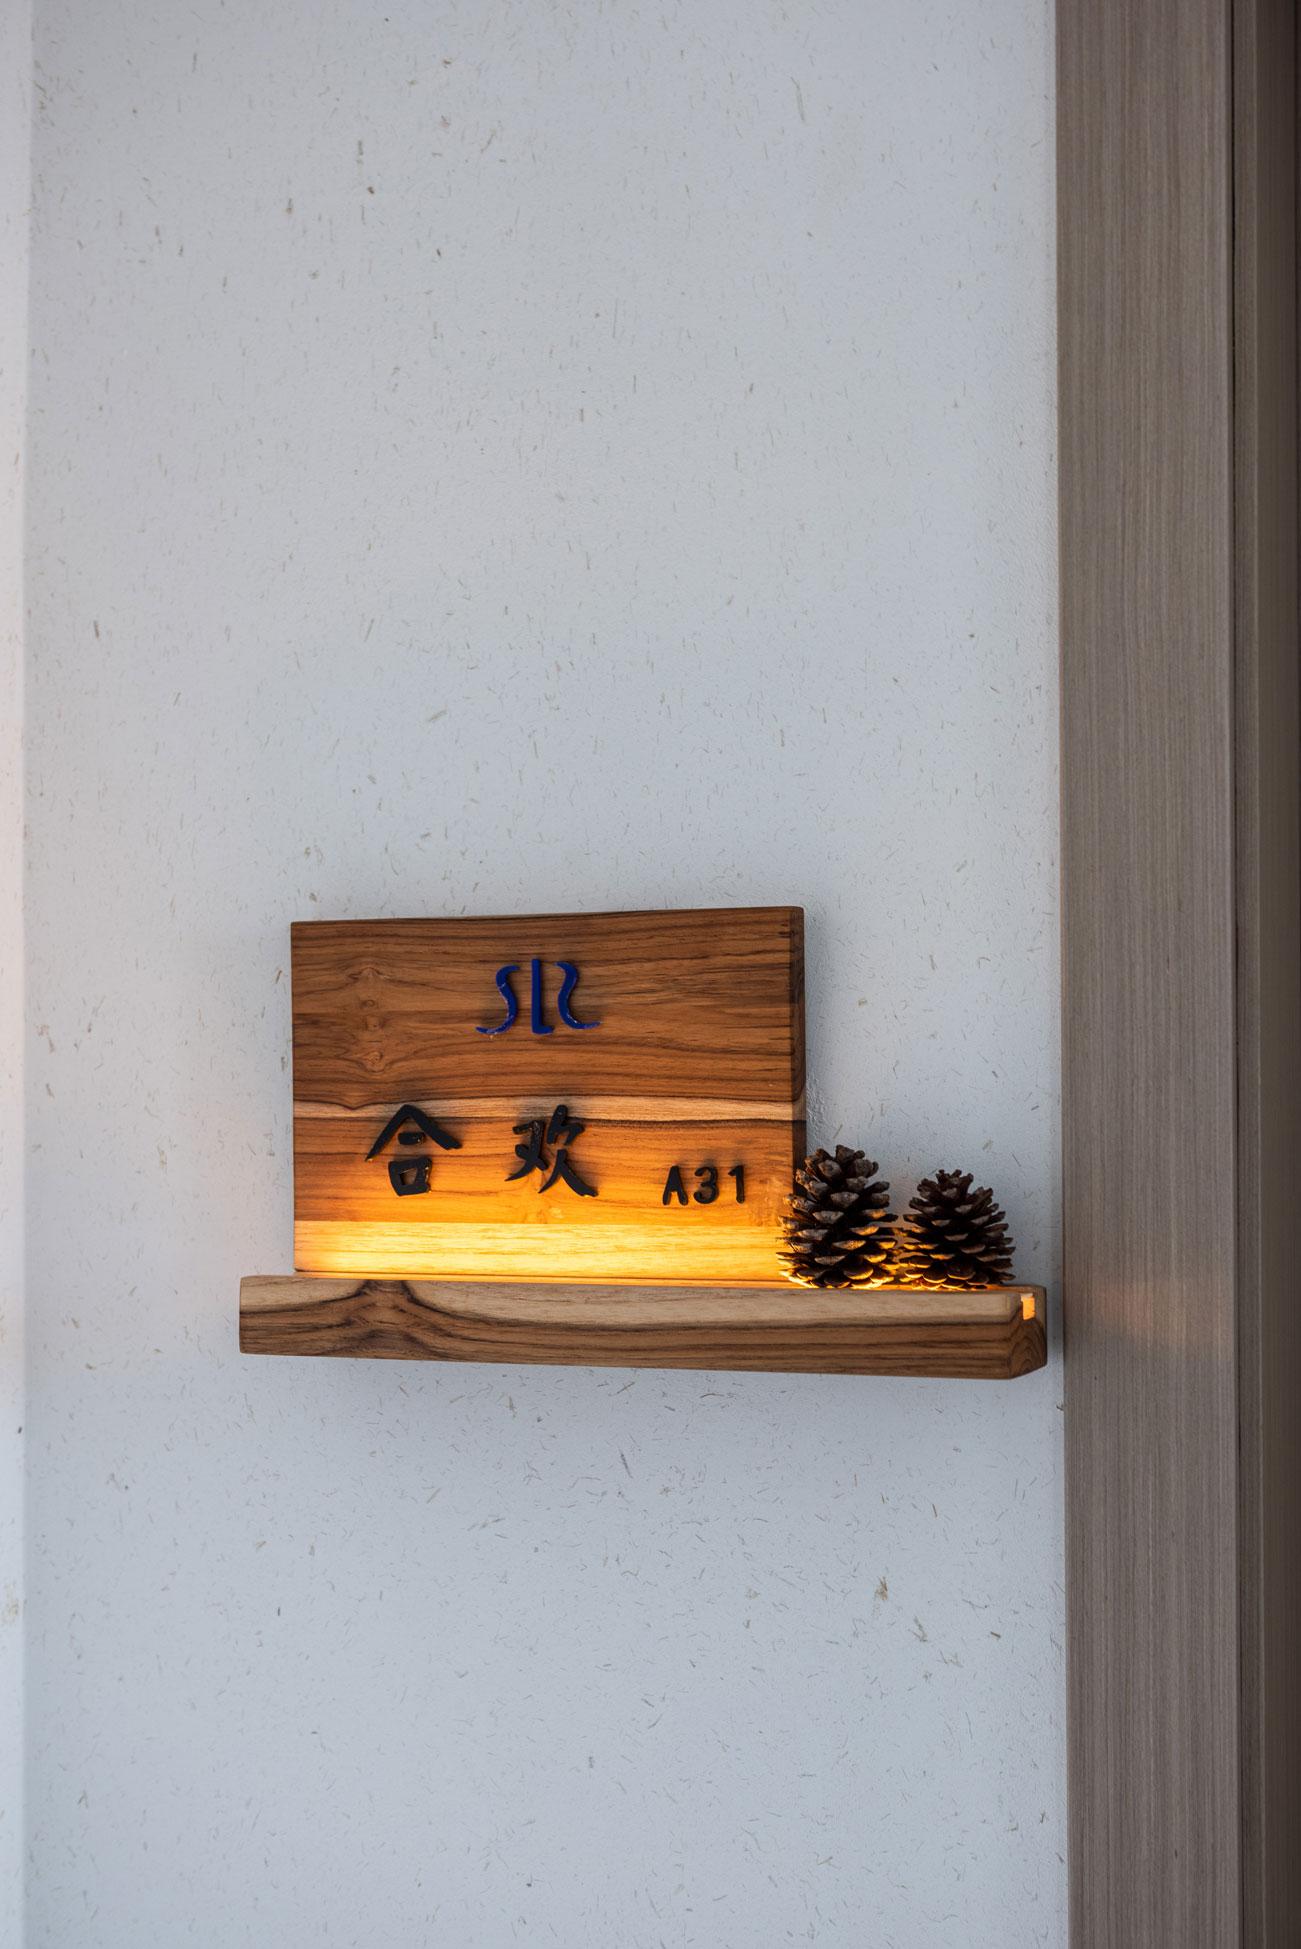 抚仙湖 · 阑珊宿海景民宿设计丨长空创作